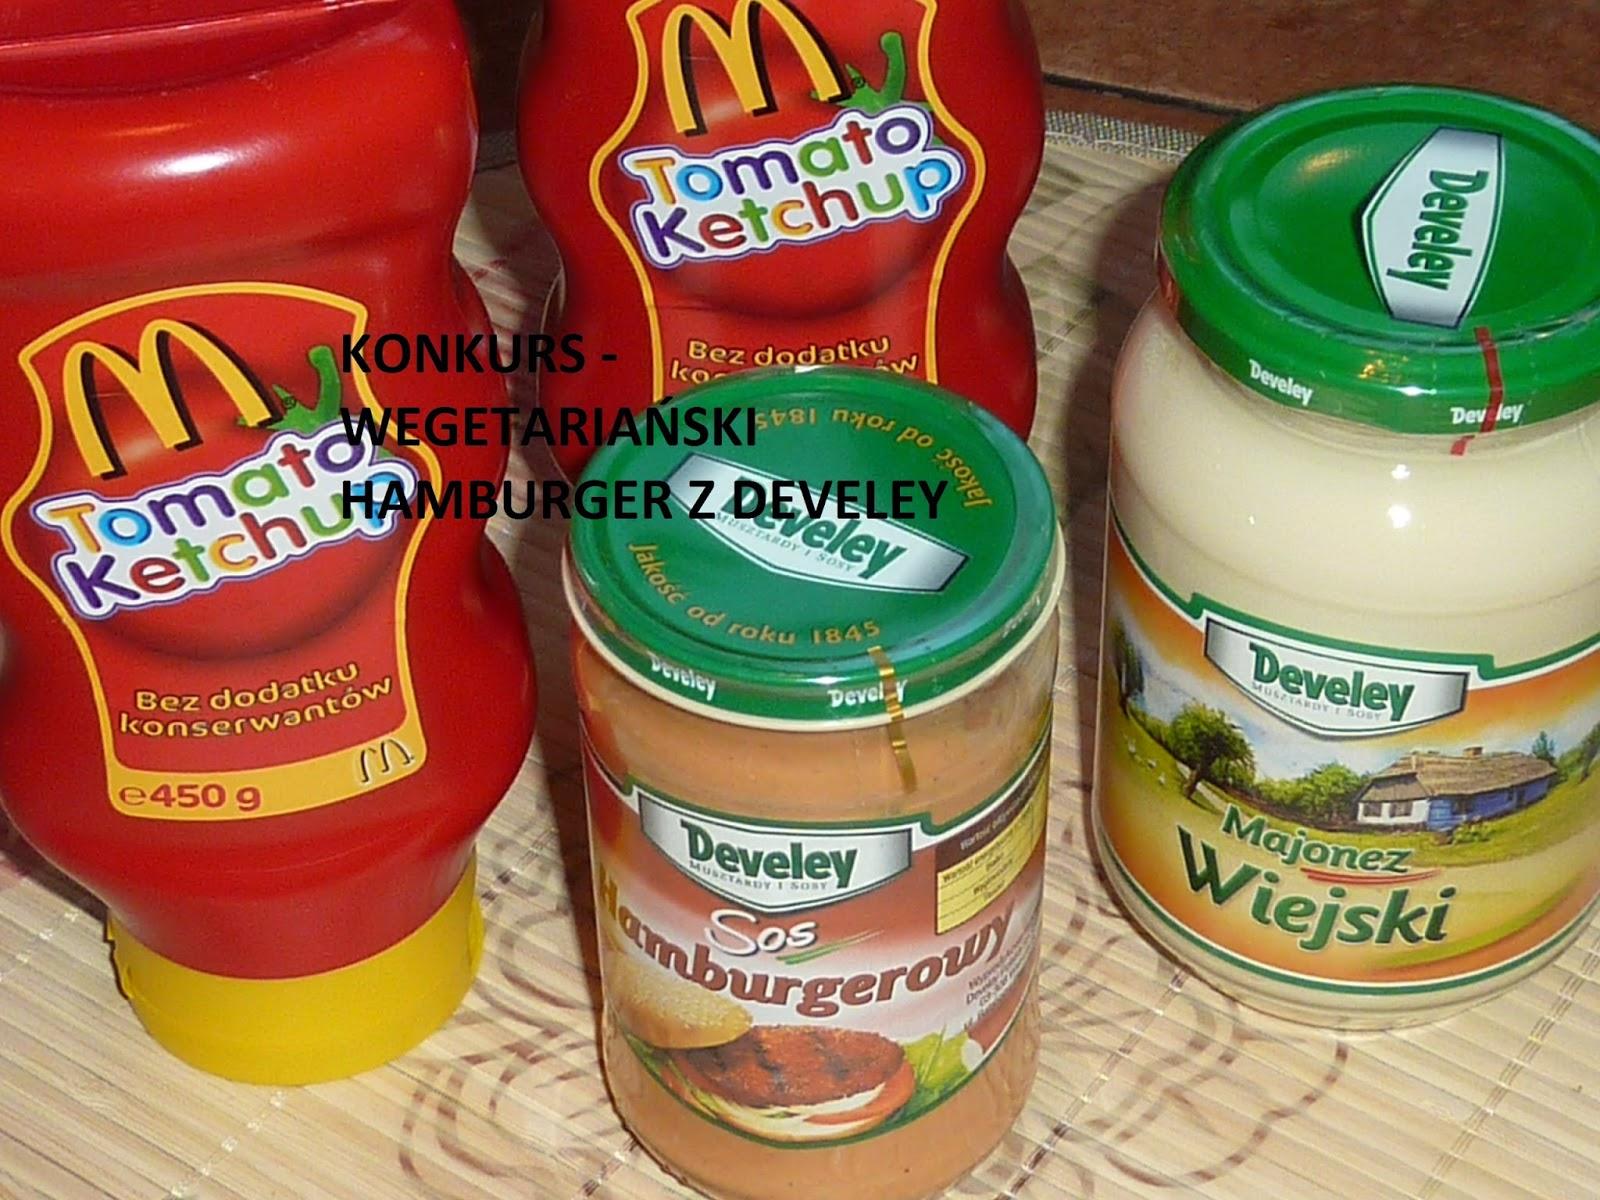 Konkurs z Develey - wegetariańskie hamburgery